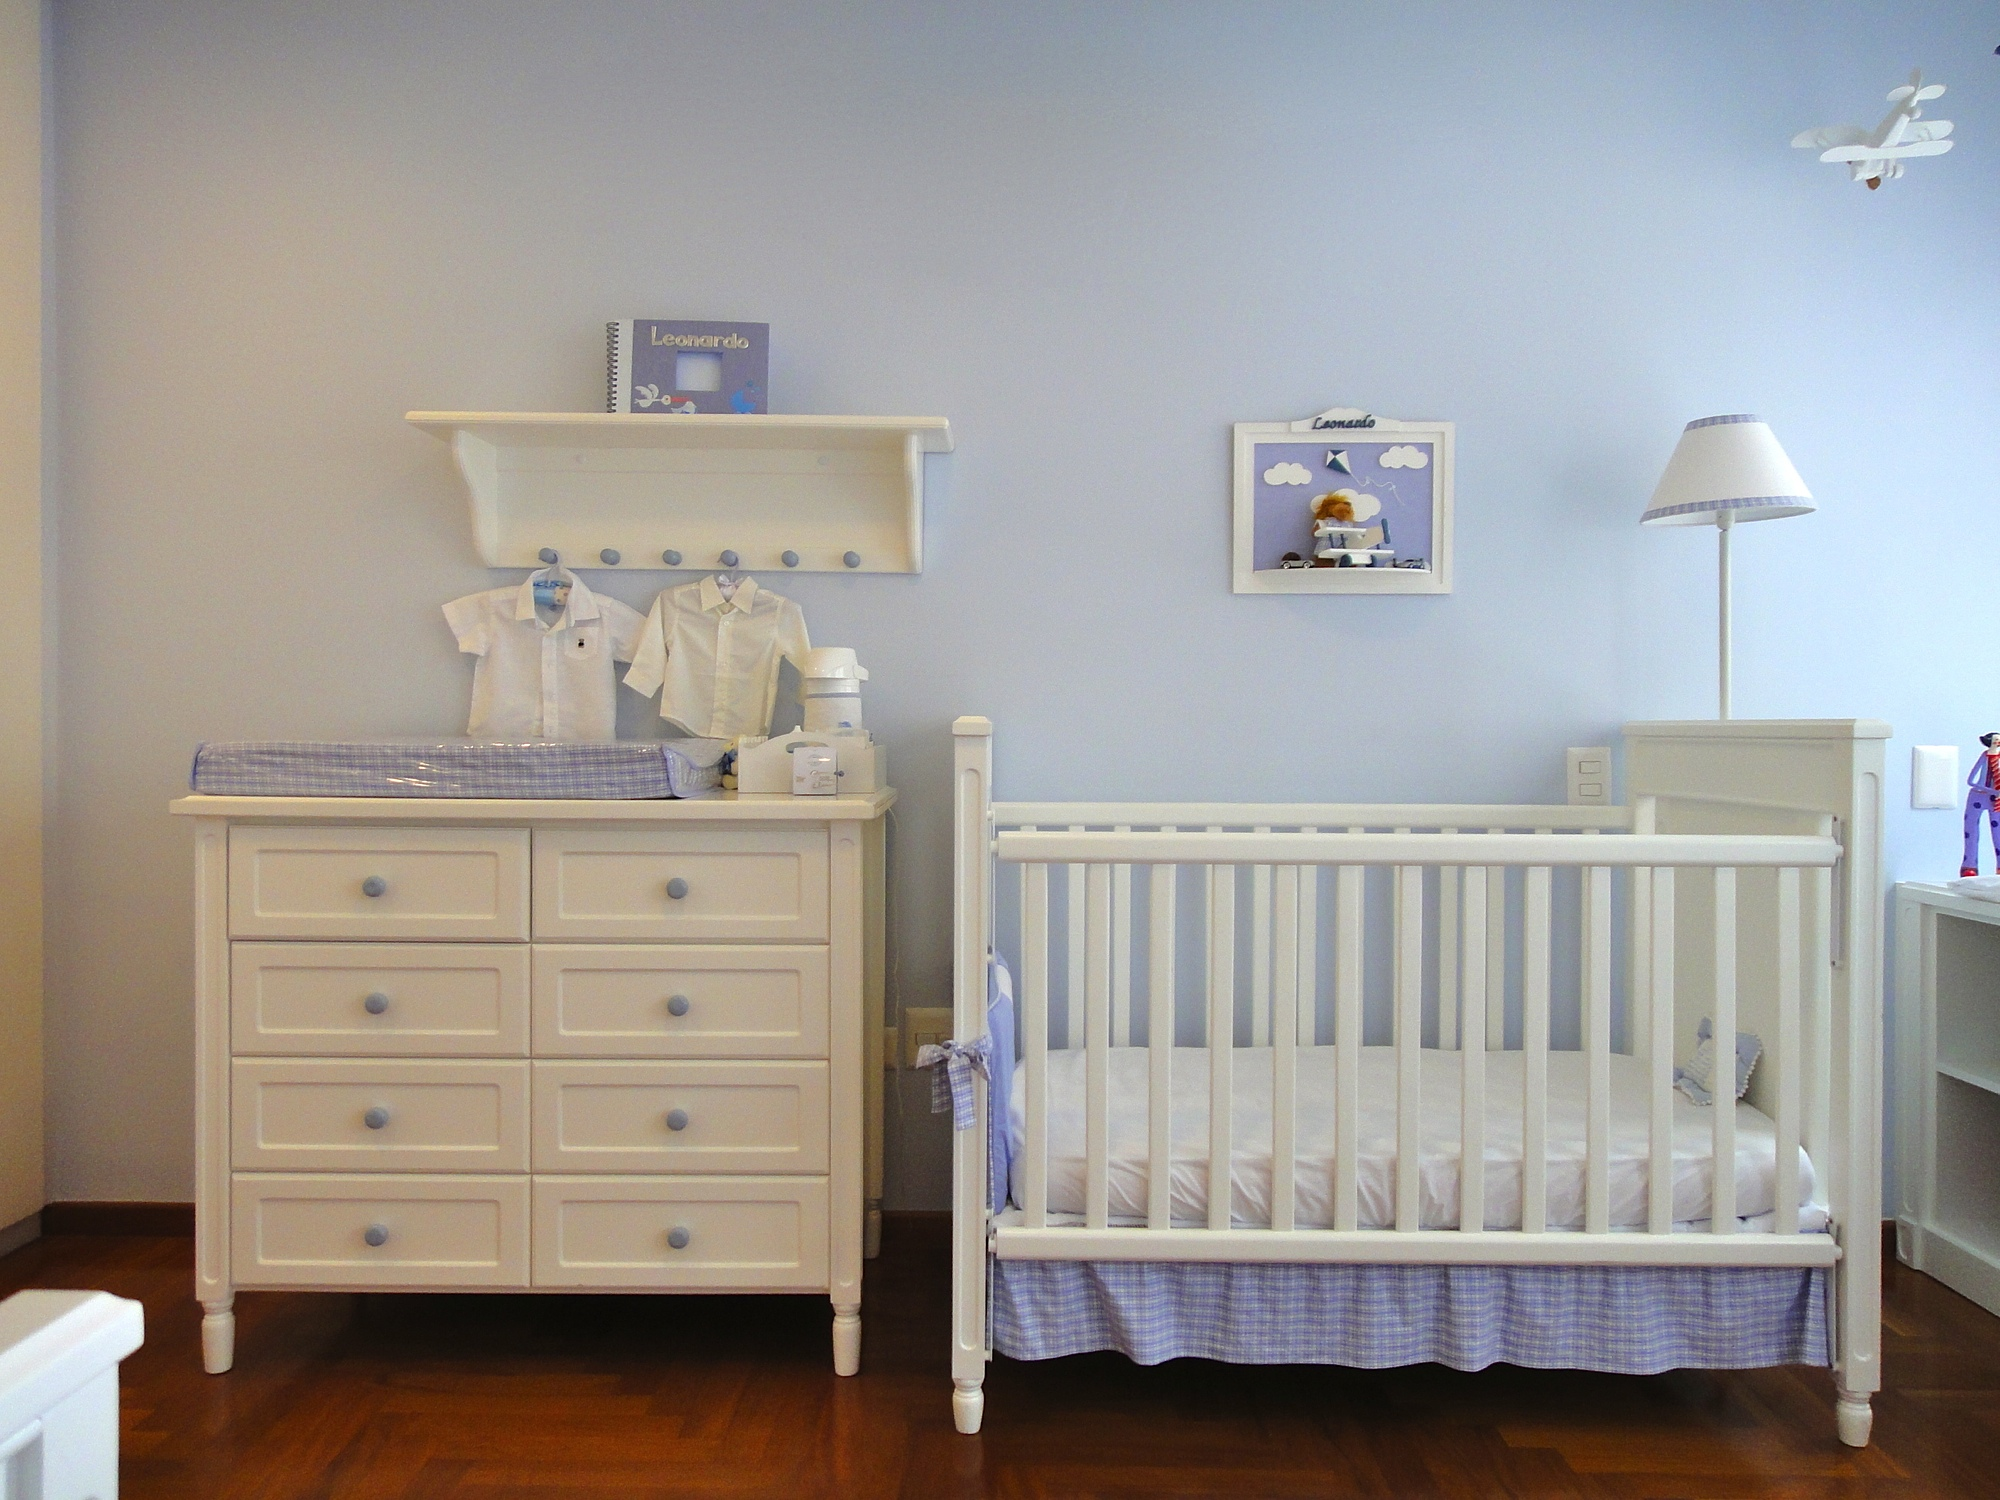 Dicas De Decora O Para O Quarto De Beb Blog Da Propriet Riodireto ~ Decoração De Quarto De Bebe Simples Com Papel De Parede